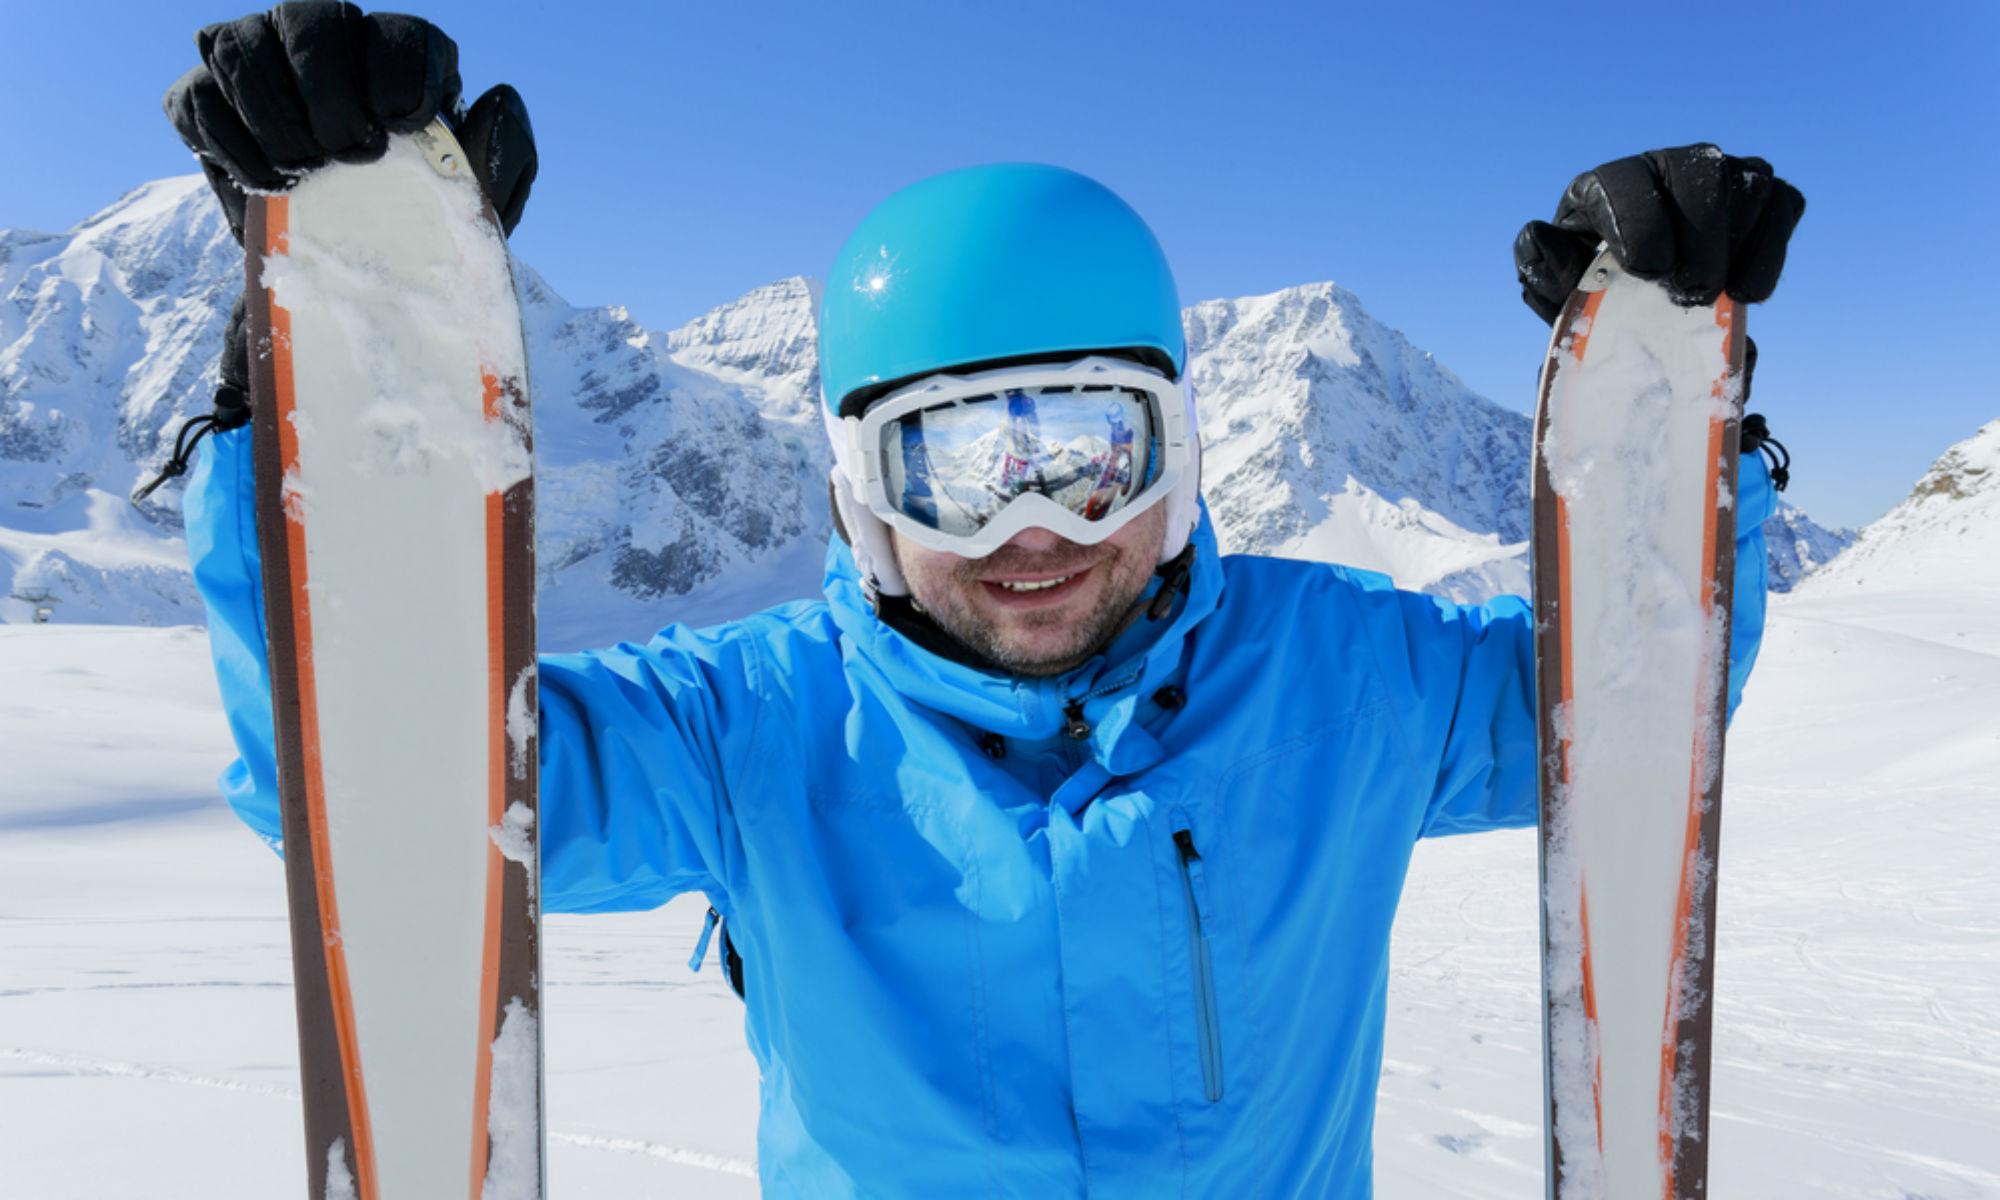 Skifahrer mit Helm und Skiern lächelt in die Kamera.